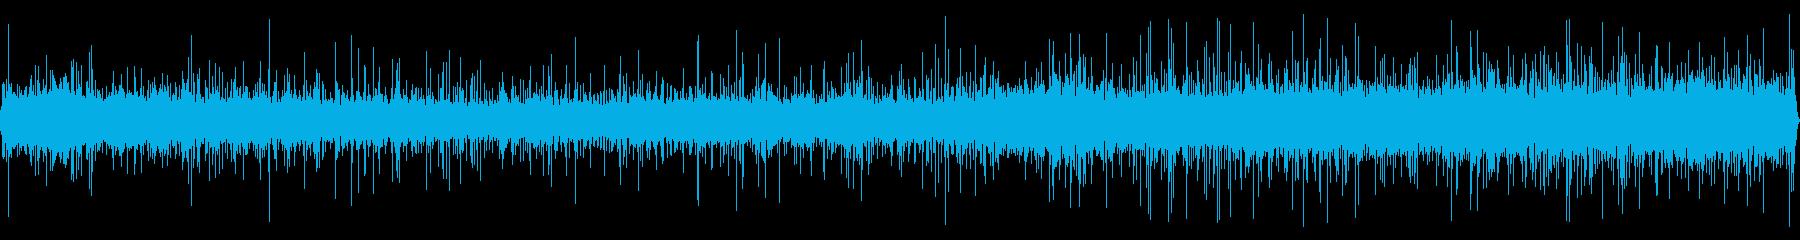 雨と遠くの工事現場の音 1の再生済みの波形